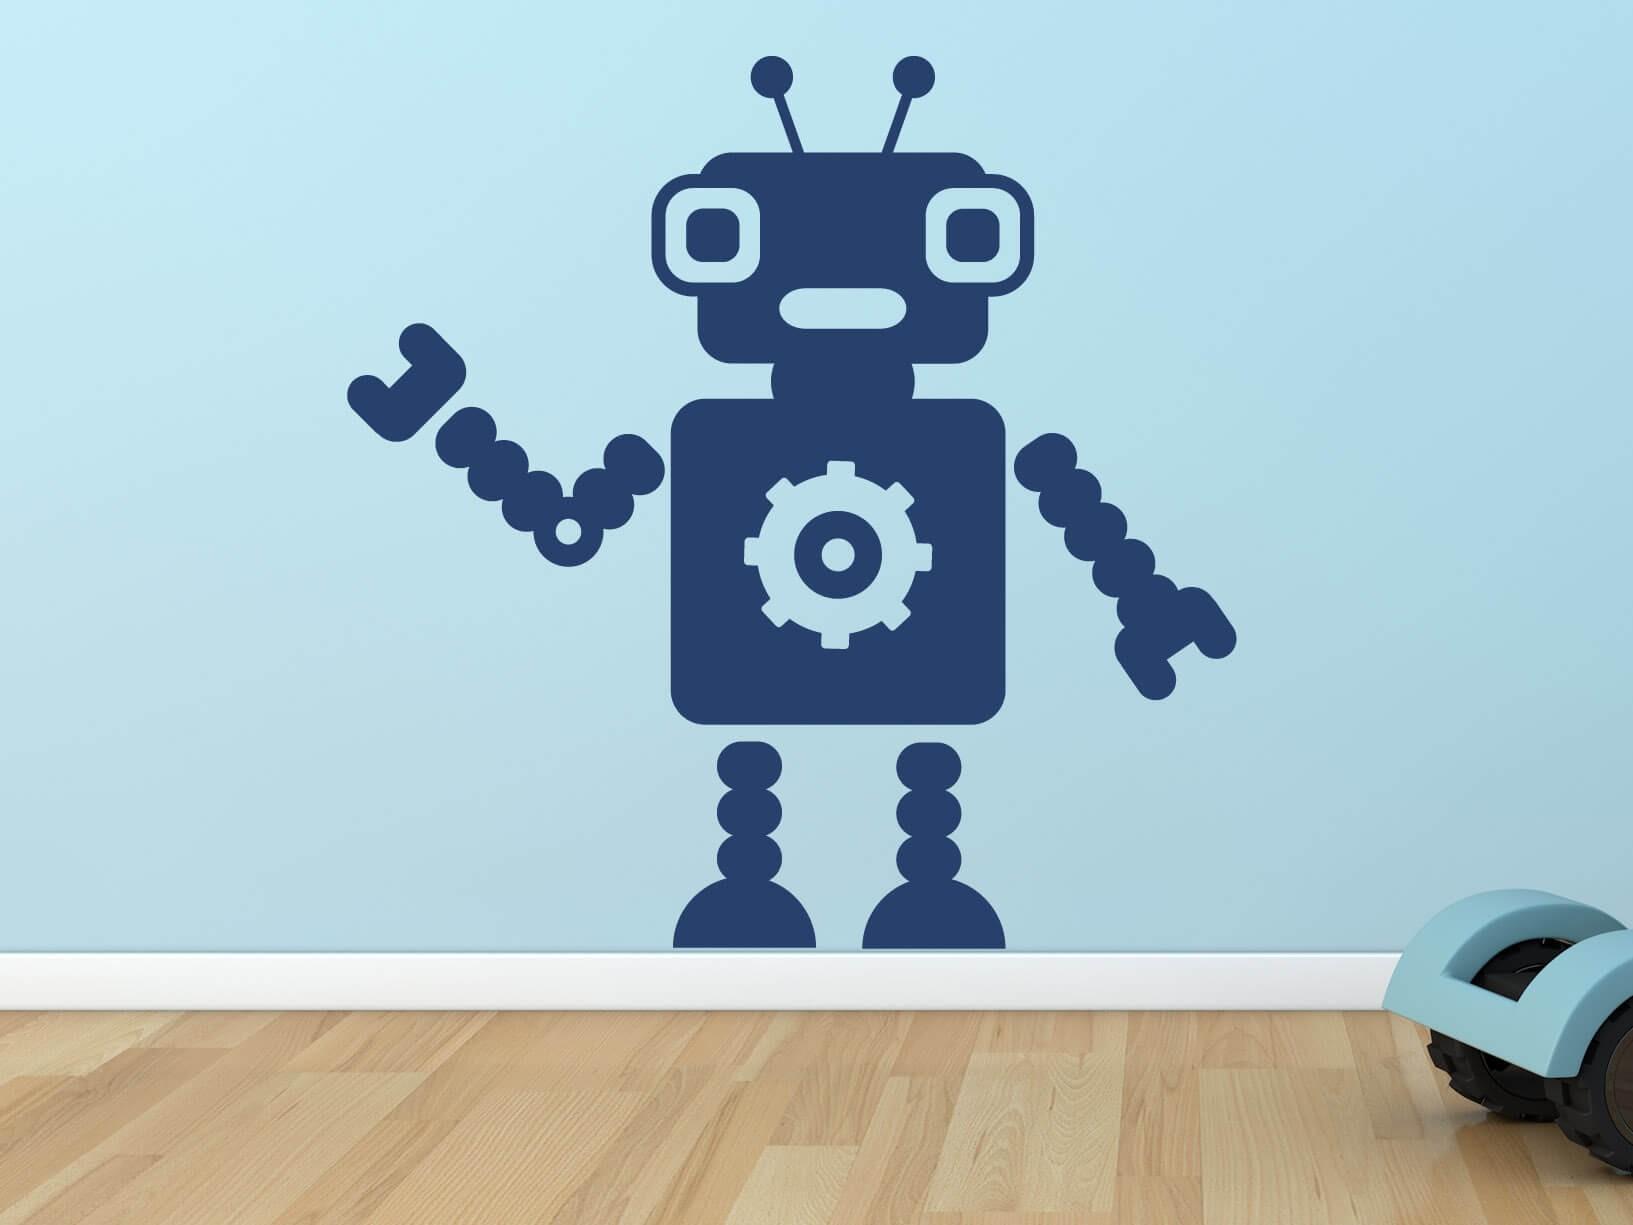 Muursticker robot 6  Kinderkamer muurstickers